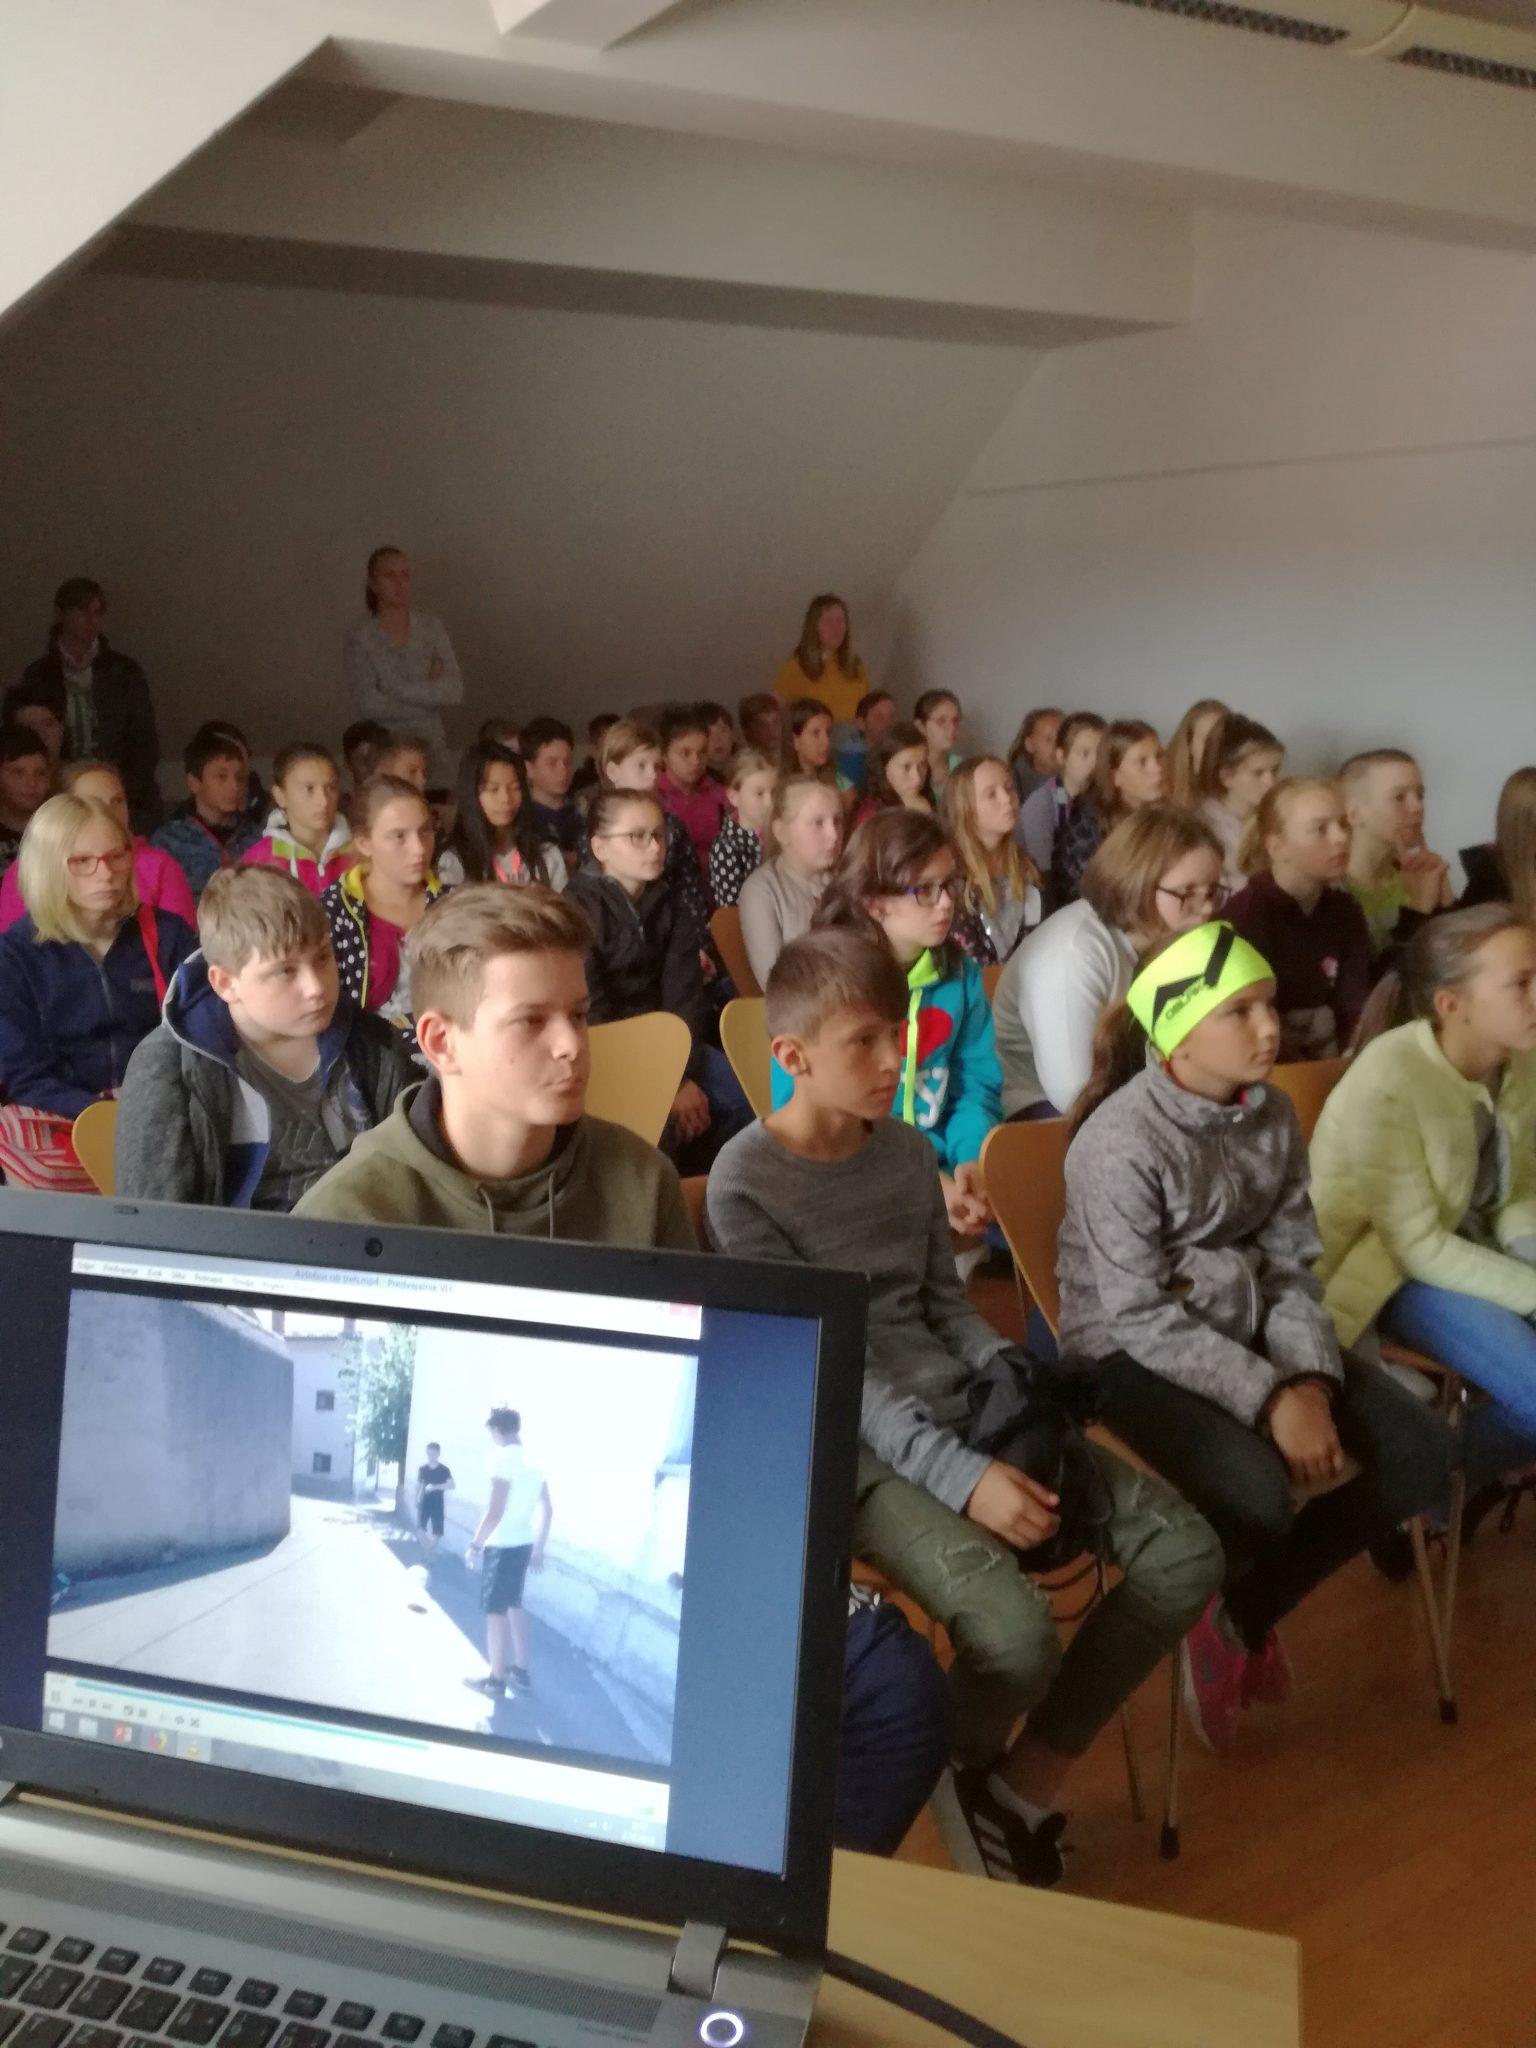 IMG 20181002 091940 - Obisk sedmošolcev iz Starega trga